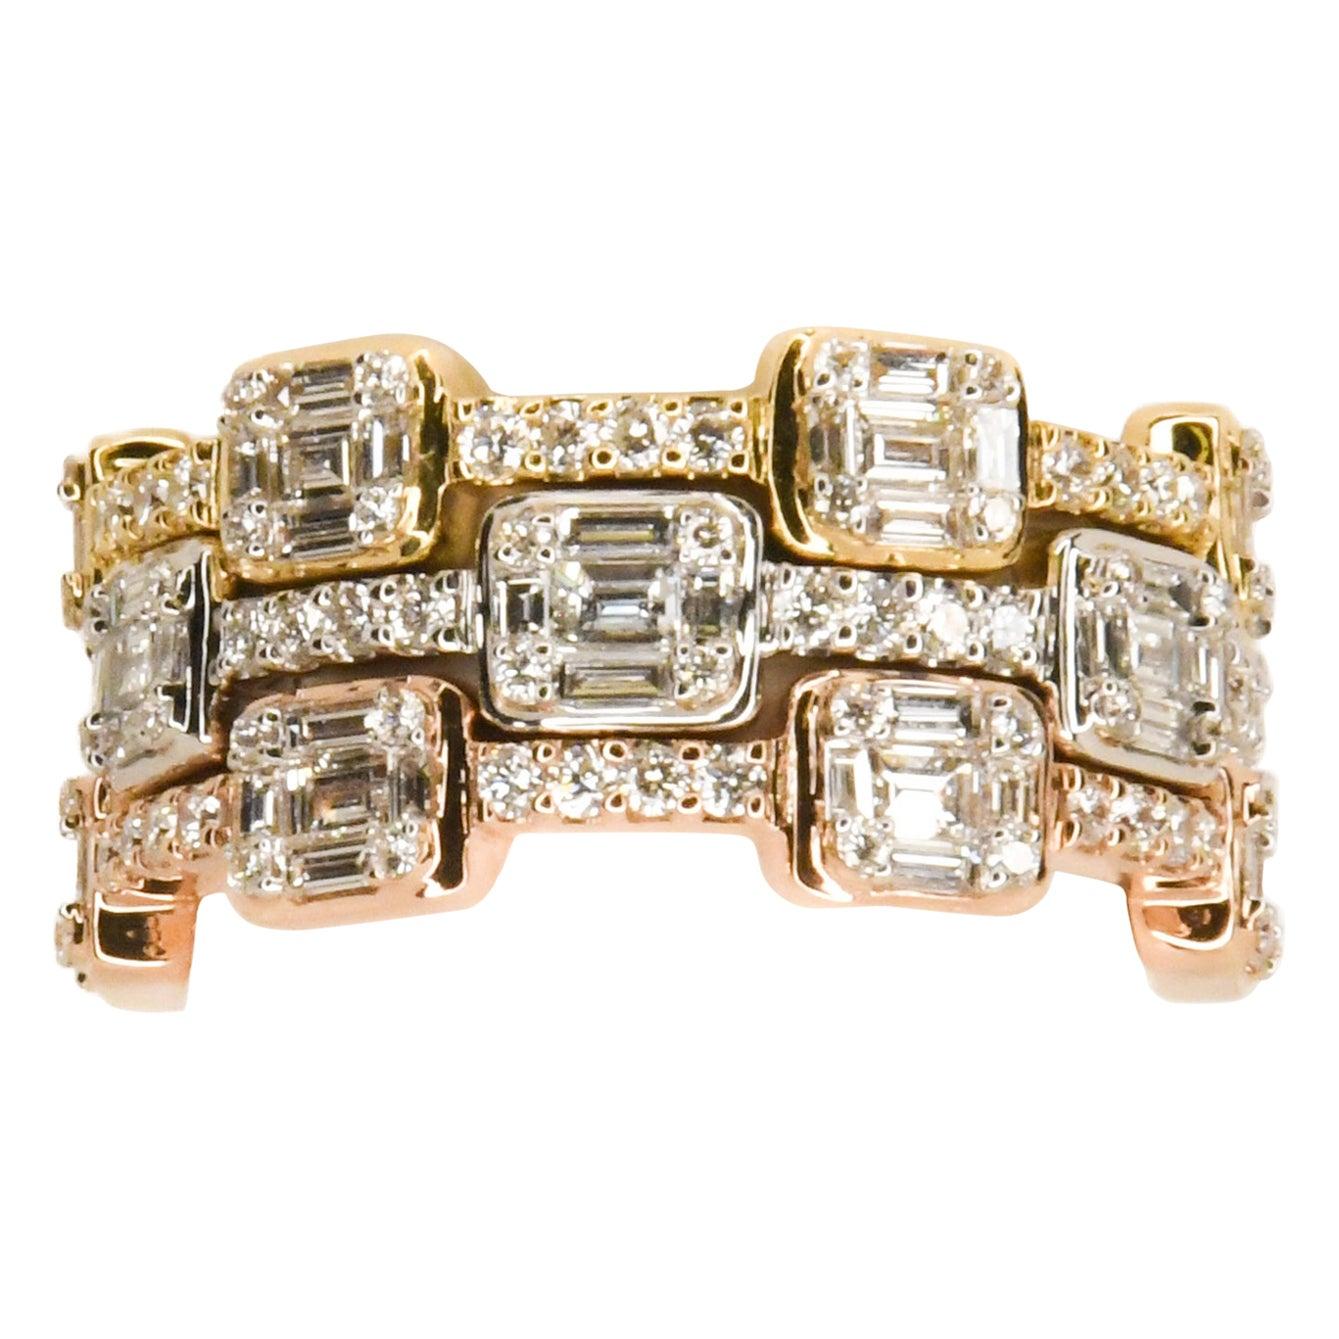 18 Karat Rose, White, Yellow Gold Set of 3 Diamond Stacking Eternity Rings